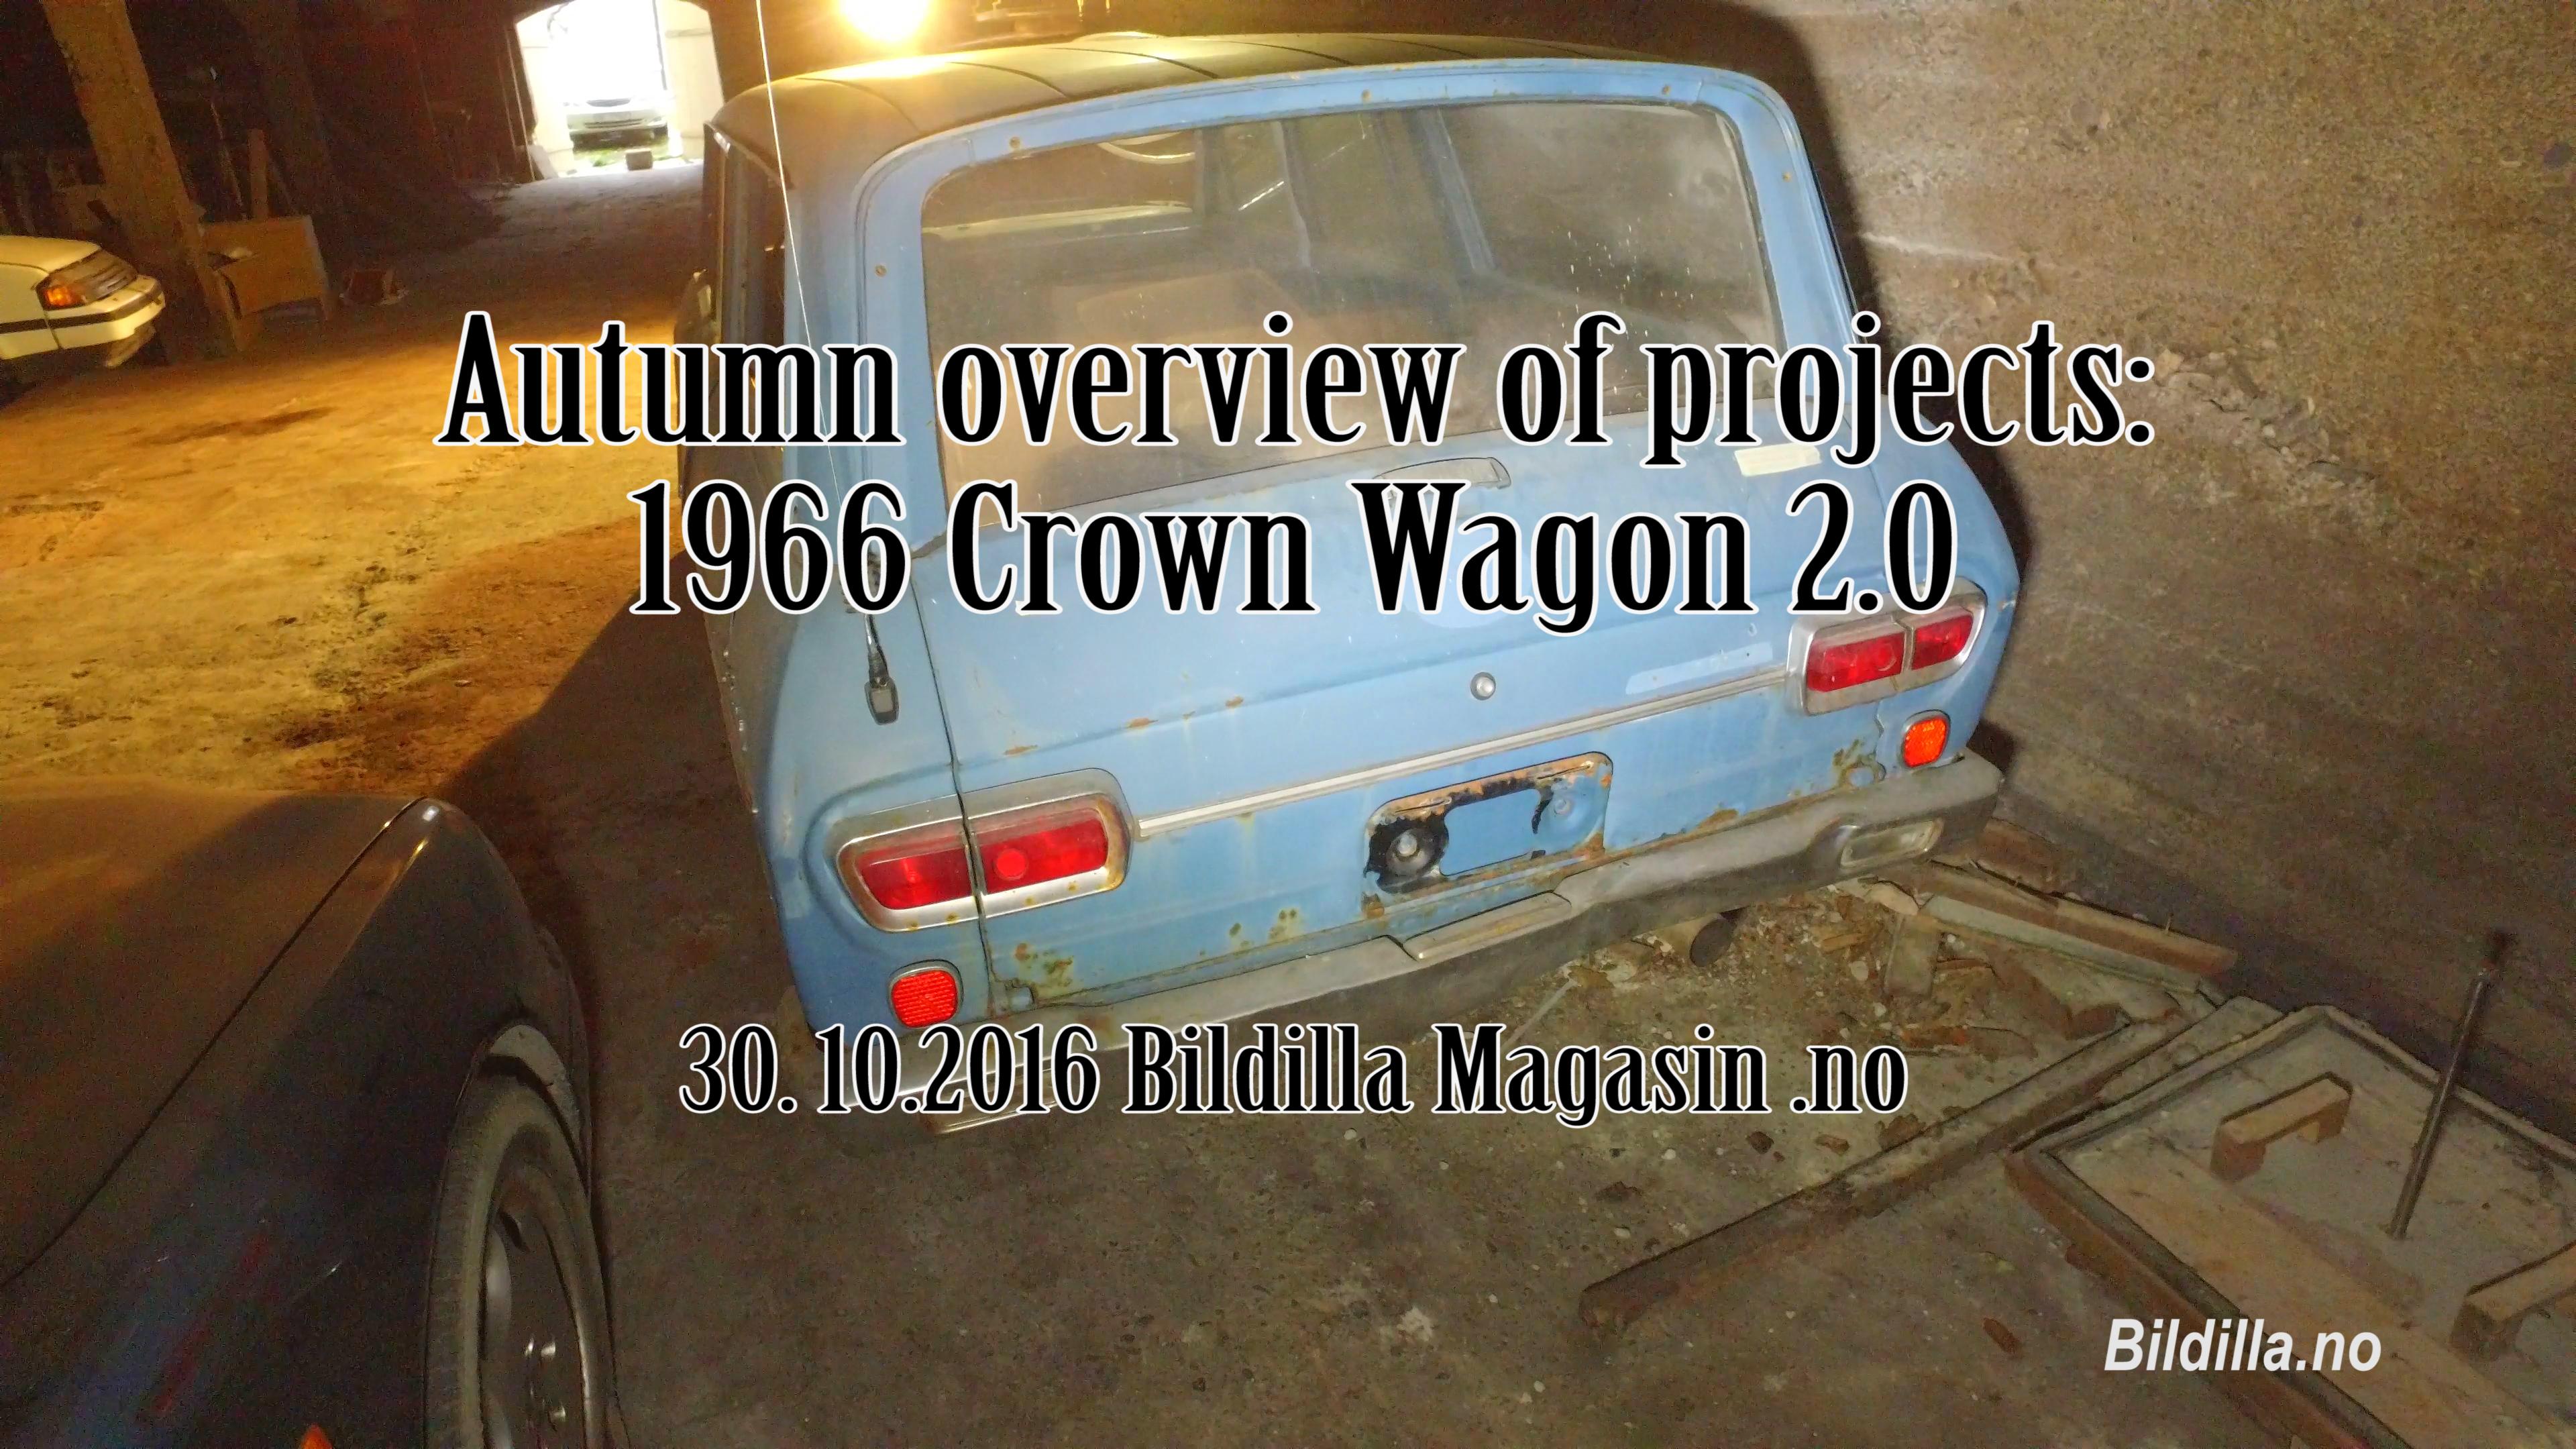 66crown